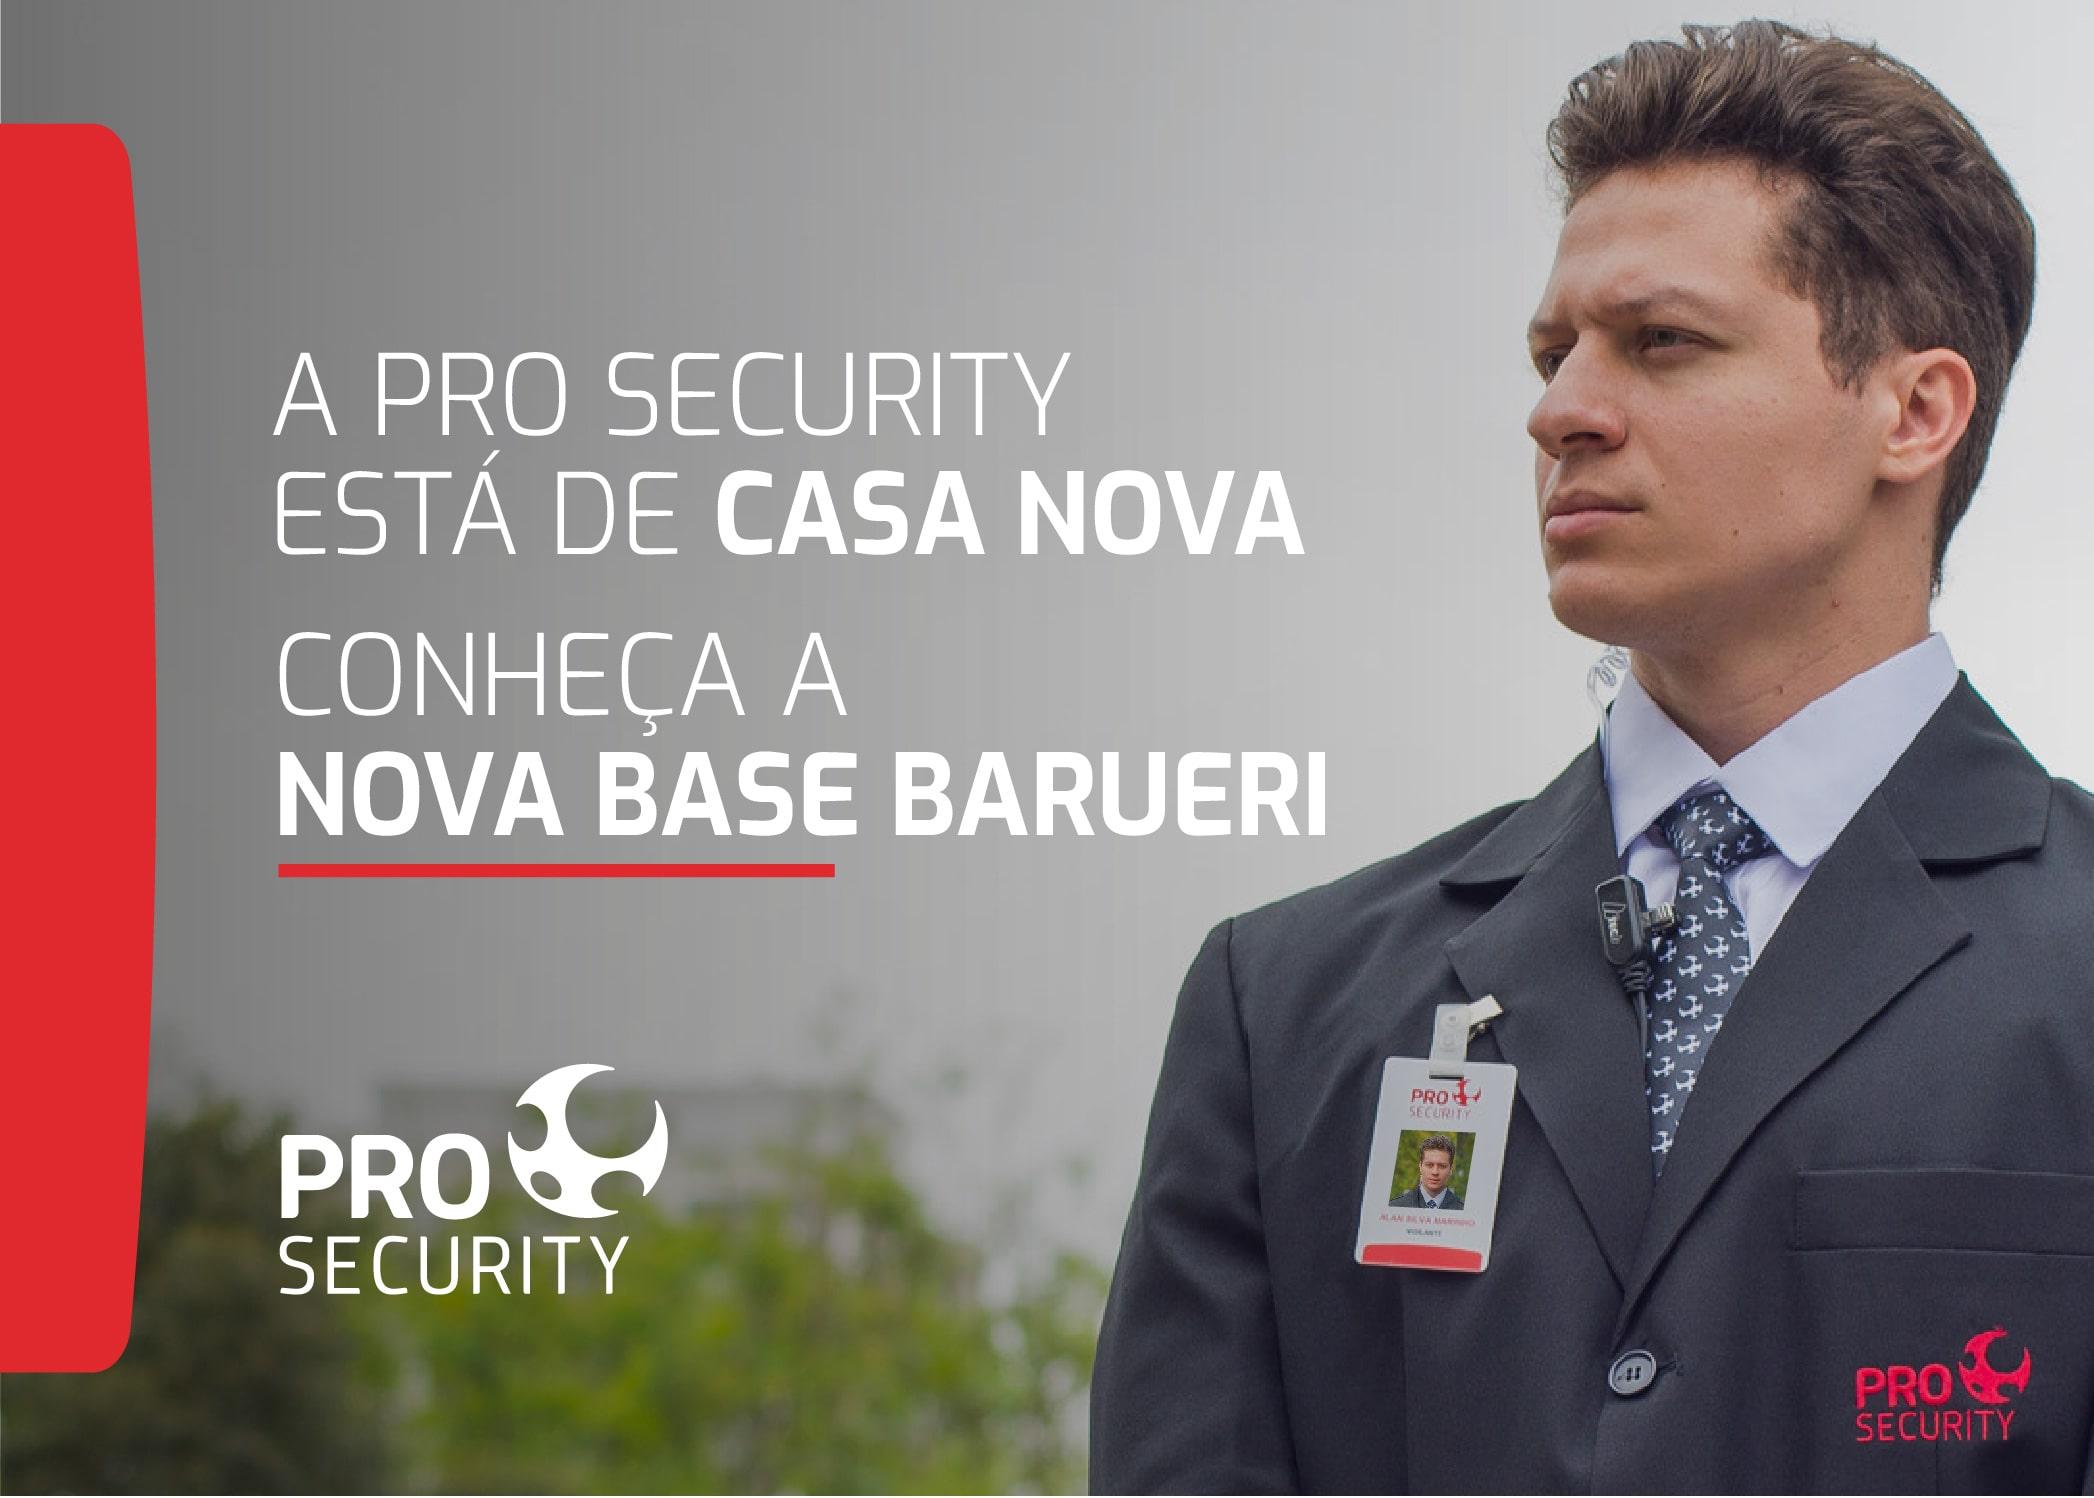 Pro Security Barueri